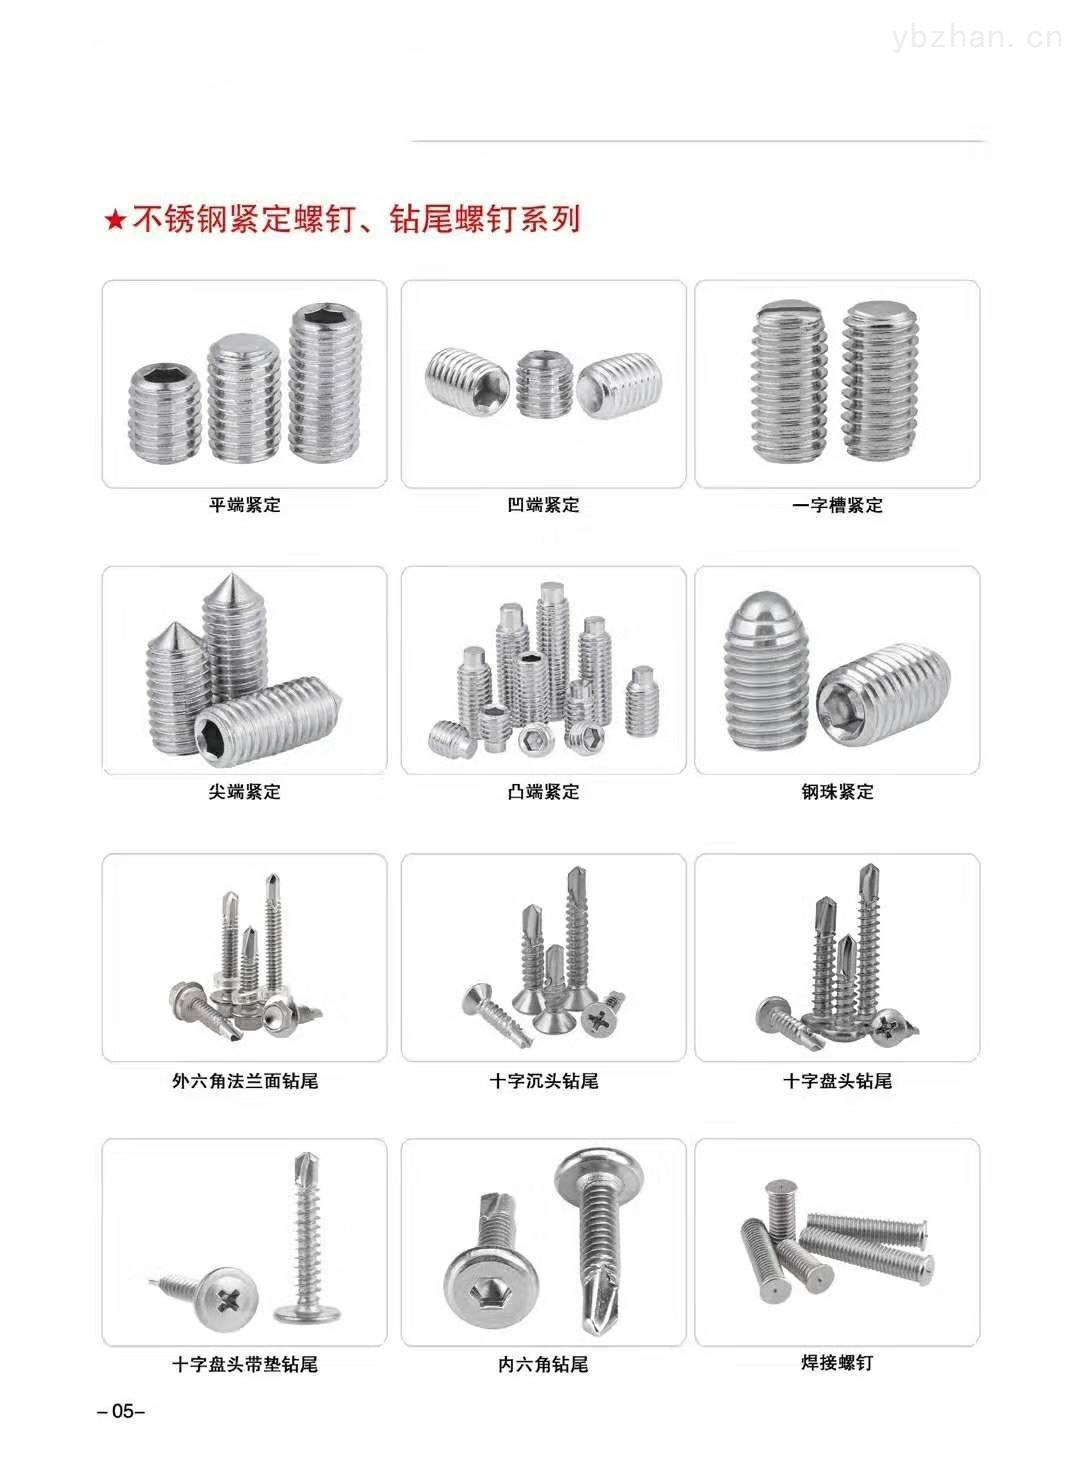 江蘇NS143螺栓